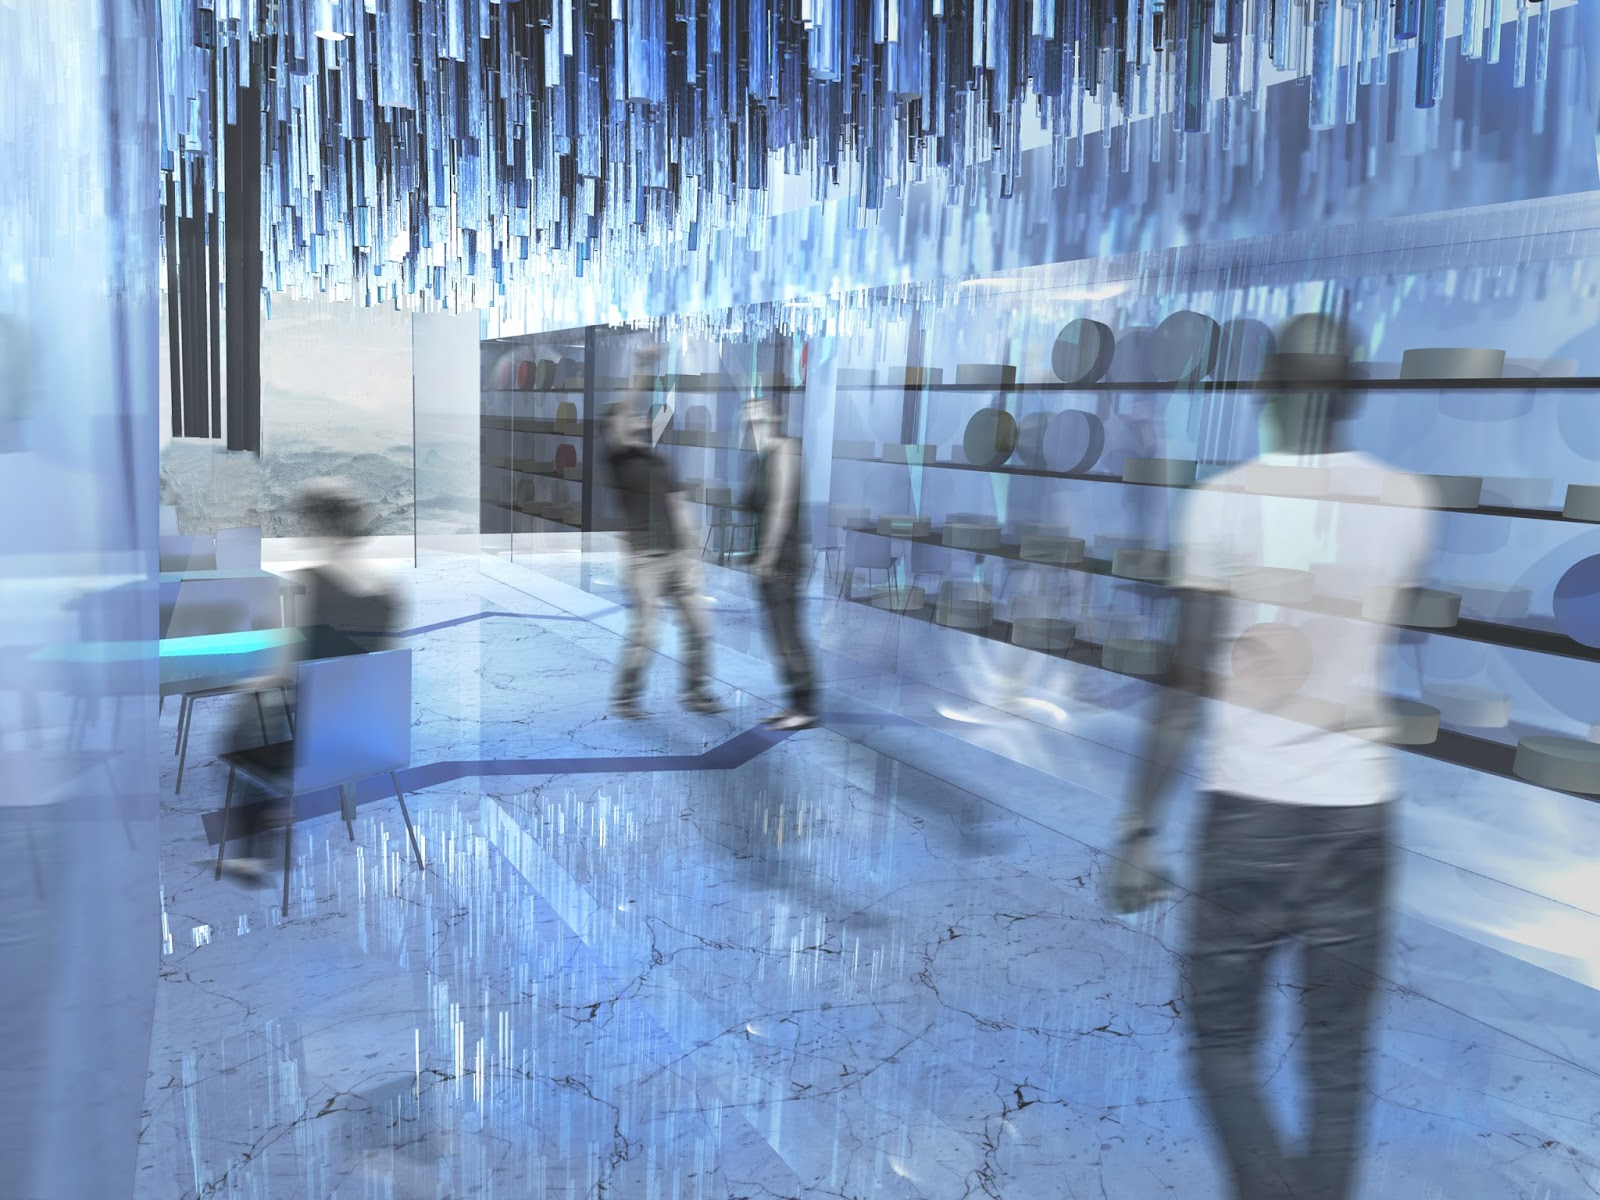 wizualizacja projektu wnętrz sklepu z serami